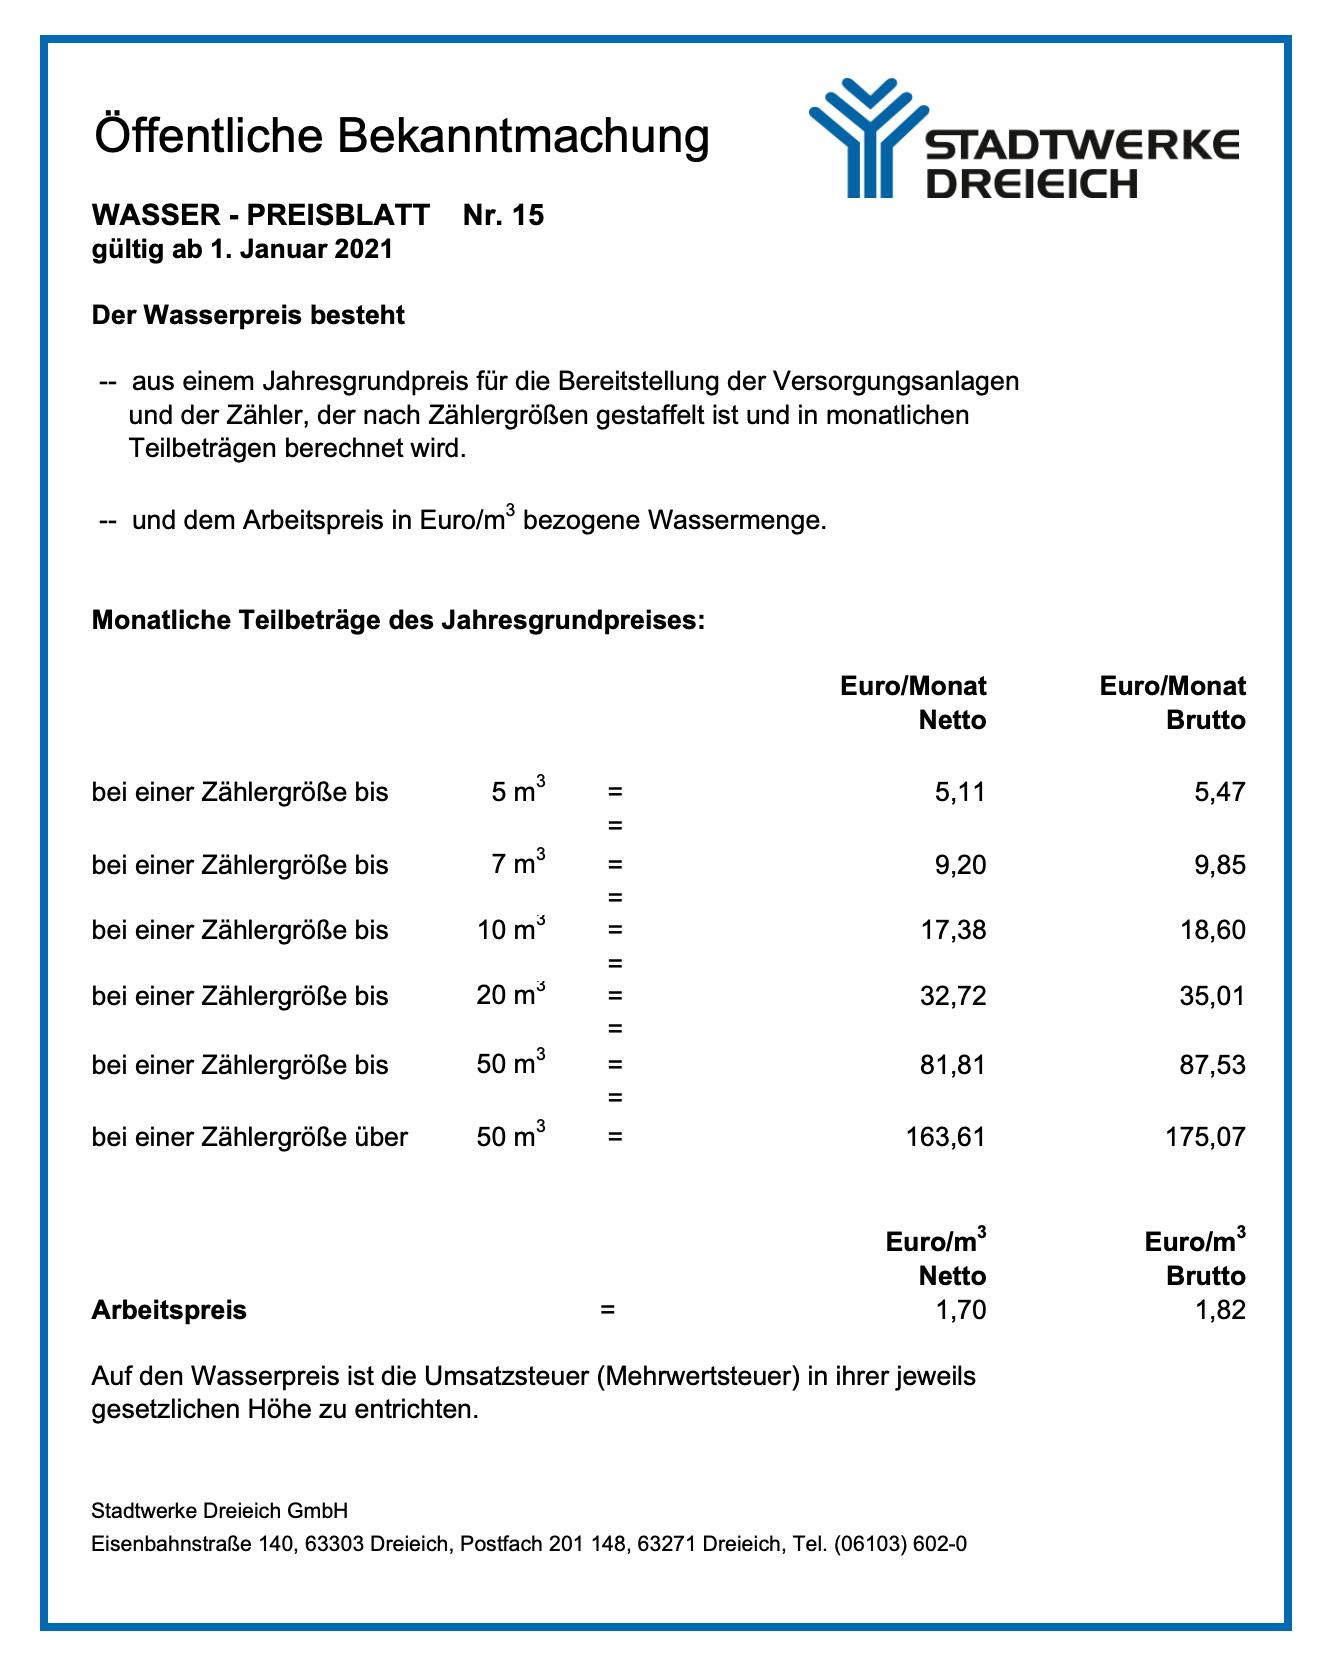 Preisblatt Wasser Nr. 15